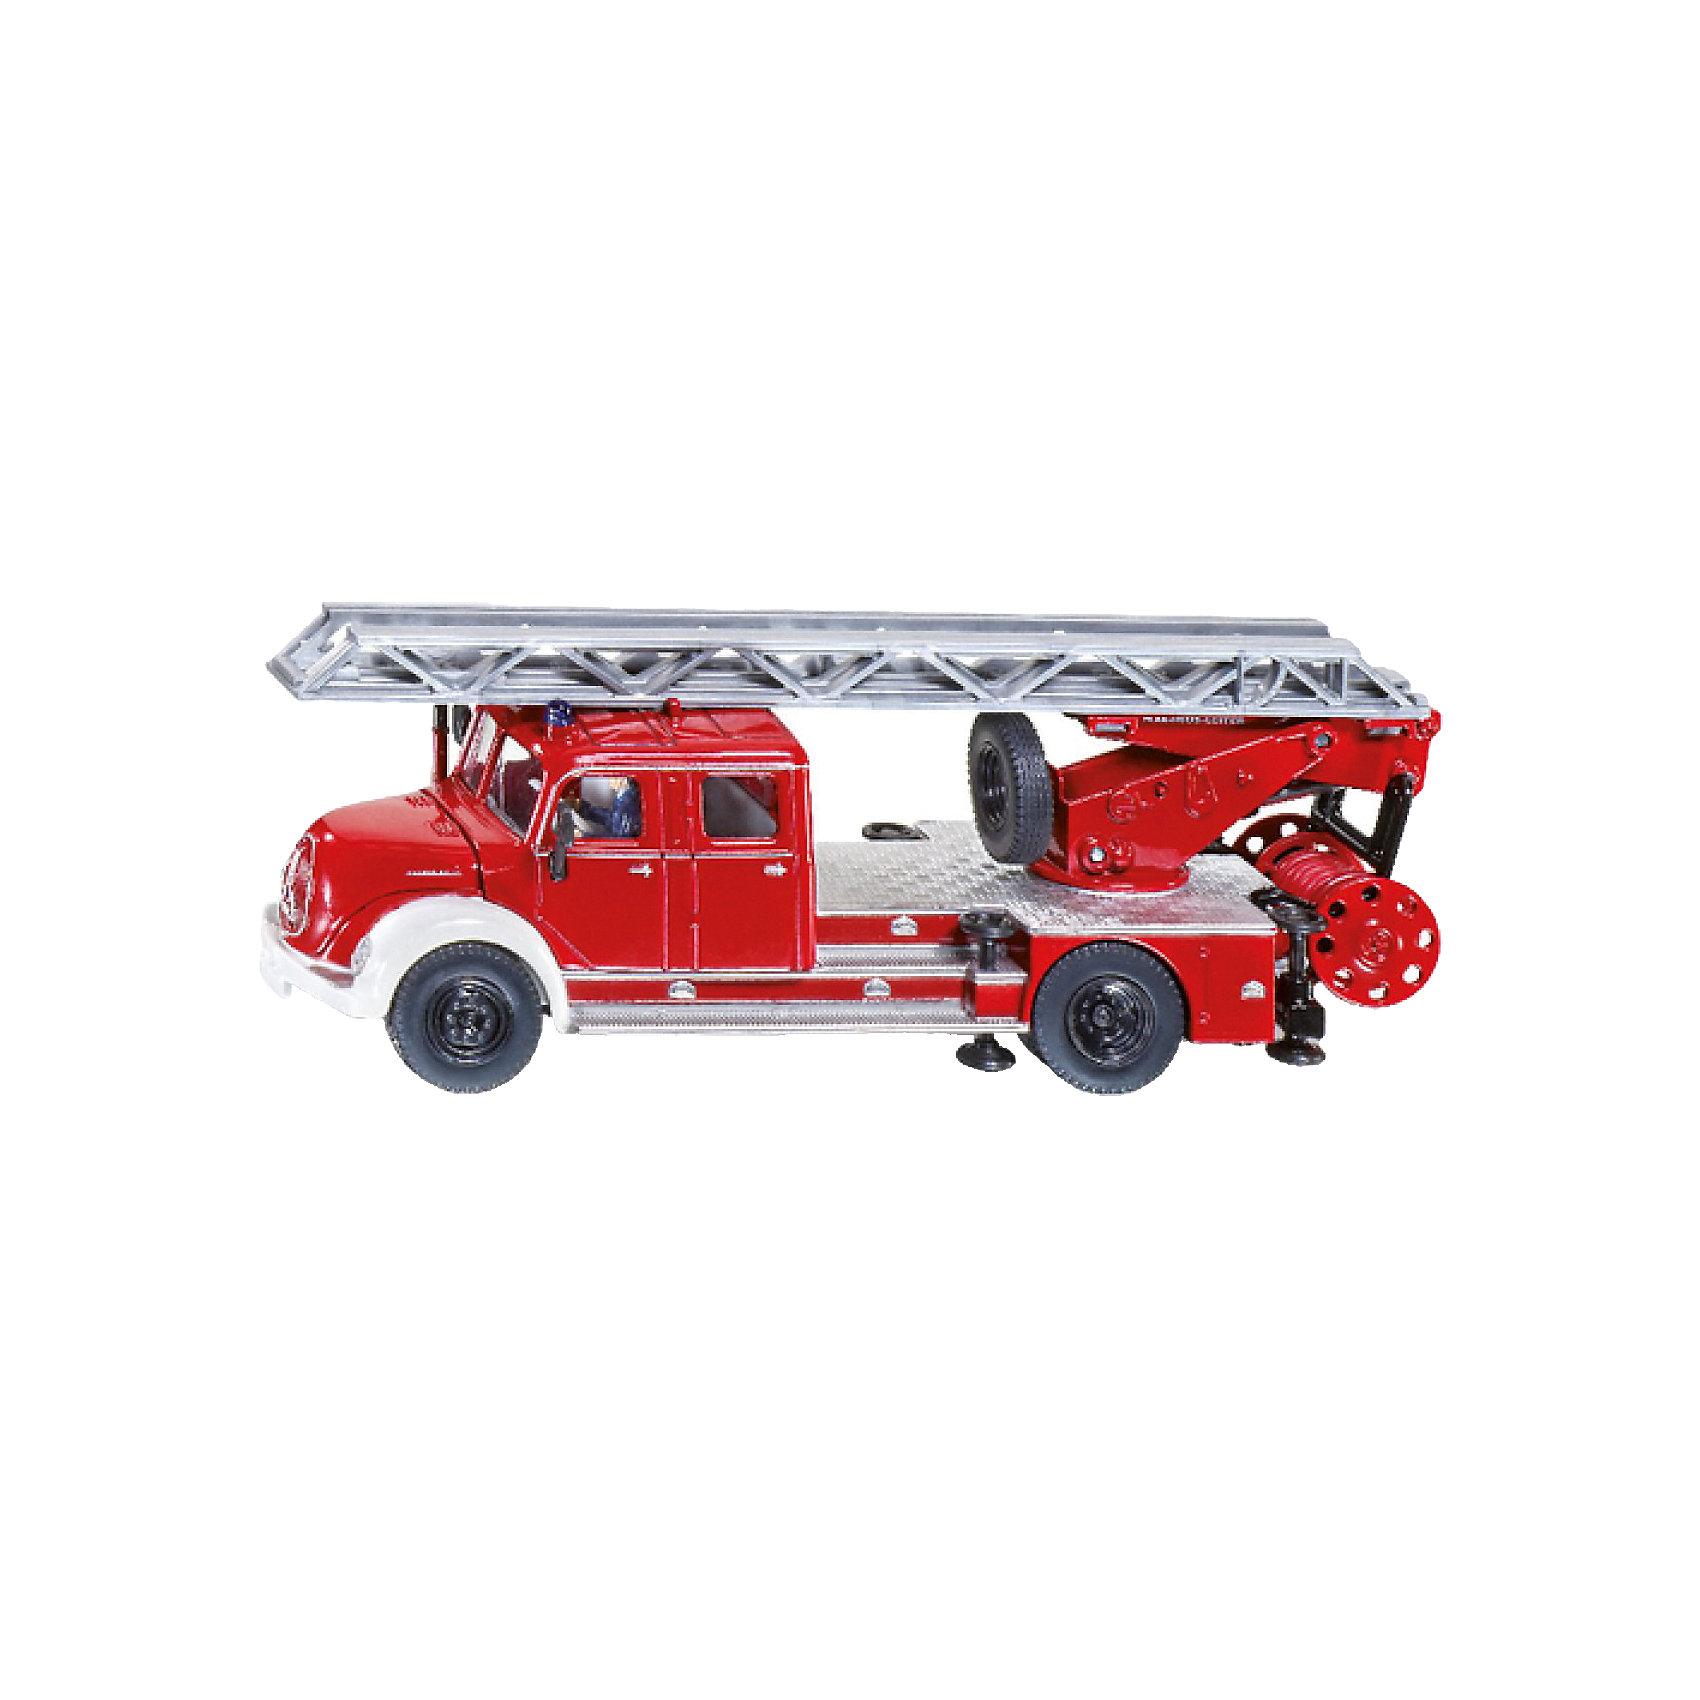 SIKU 4114 Пожарная машина с лестницей Magirus 1:50Коллекционные модели<br>SIKU (СИКУ) 4114 Пожарная машина с лестницей Magirus 1:50<br><br>У машины корпус, кузов, кабина и шасси выполнены из металла, из прозрачной пластмассы выполнены «стекла» кабины. Колёса пожарной машины из резины, машину можно катать. Пожарная лестница выдвигается, поднимается и поворачивается, боковые опоры опускаются. Капот и крышки отсеков, в которых располагается дополнительное оборудование у машины, открываются. В кабине размещена фигурка водителя. Под лестницами на крыше есть запасное колесо. Позади пожарной машины расположена съемная катушка с пожарным шлангом, пожарный шланг разматывается. <br><br>Дополнительная информация:<br>-Материал: металл с элементами пластмассы<br>-Размер игрушки: 15,5 x 5,0 x 5,7 см<br>-Масштаб: 1:50<br><br>Игрушечная модель пожарной машины для маленького спасателя идеально дополнит коллекцию малыша. Игра с моделями SIKU (СИКУ) развивает воображение, мышление, память, мелкую моторику рук и координацию движений детей.<br><br>SIKU (СИКУ) 4114 Пожарную машину с лестницей Magirus 1:50 можно купить в нашем магазине.<br><br>Ширина мм: 205<br>Глубина мм: 91<br>Высота мм: 53<br>Вес г: 287<br>Возраст от месяцев: 36<br>Возраст до месяцев: 96<br>Пол: Мужской<br>Возраст: Детский<br>SKU: 1520049